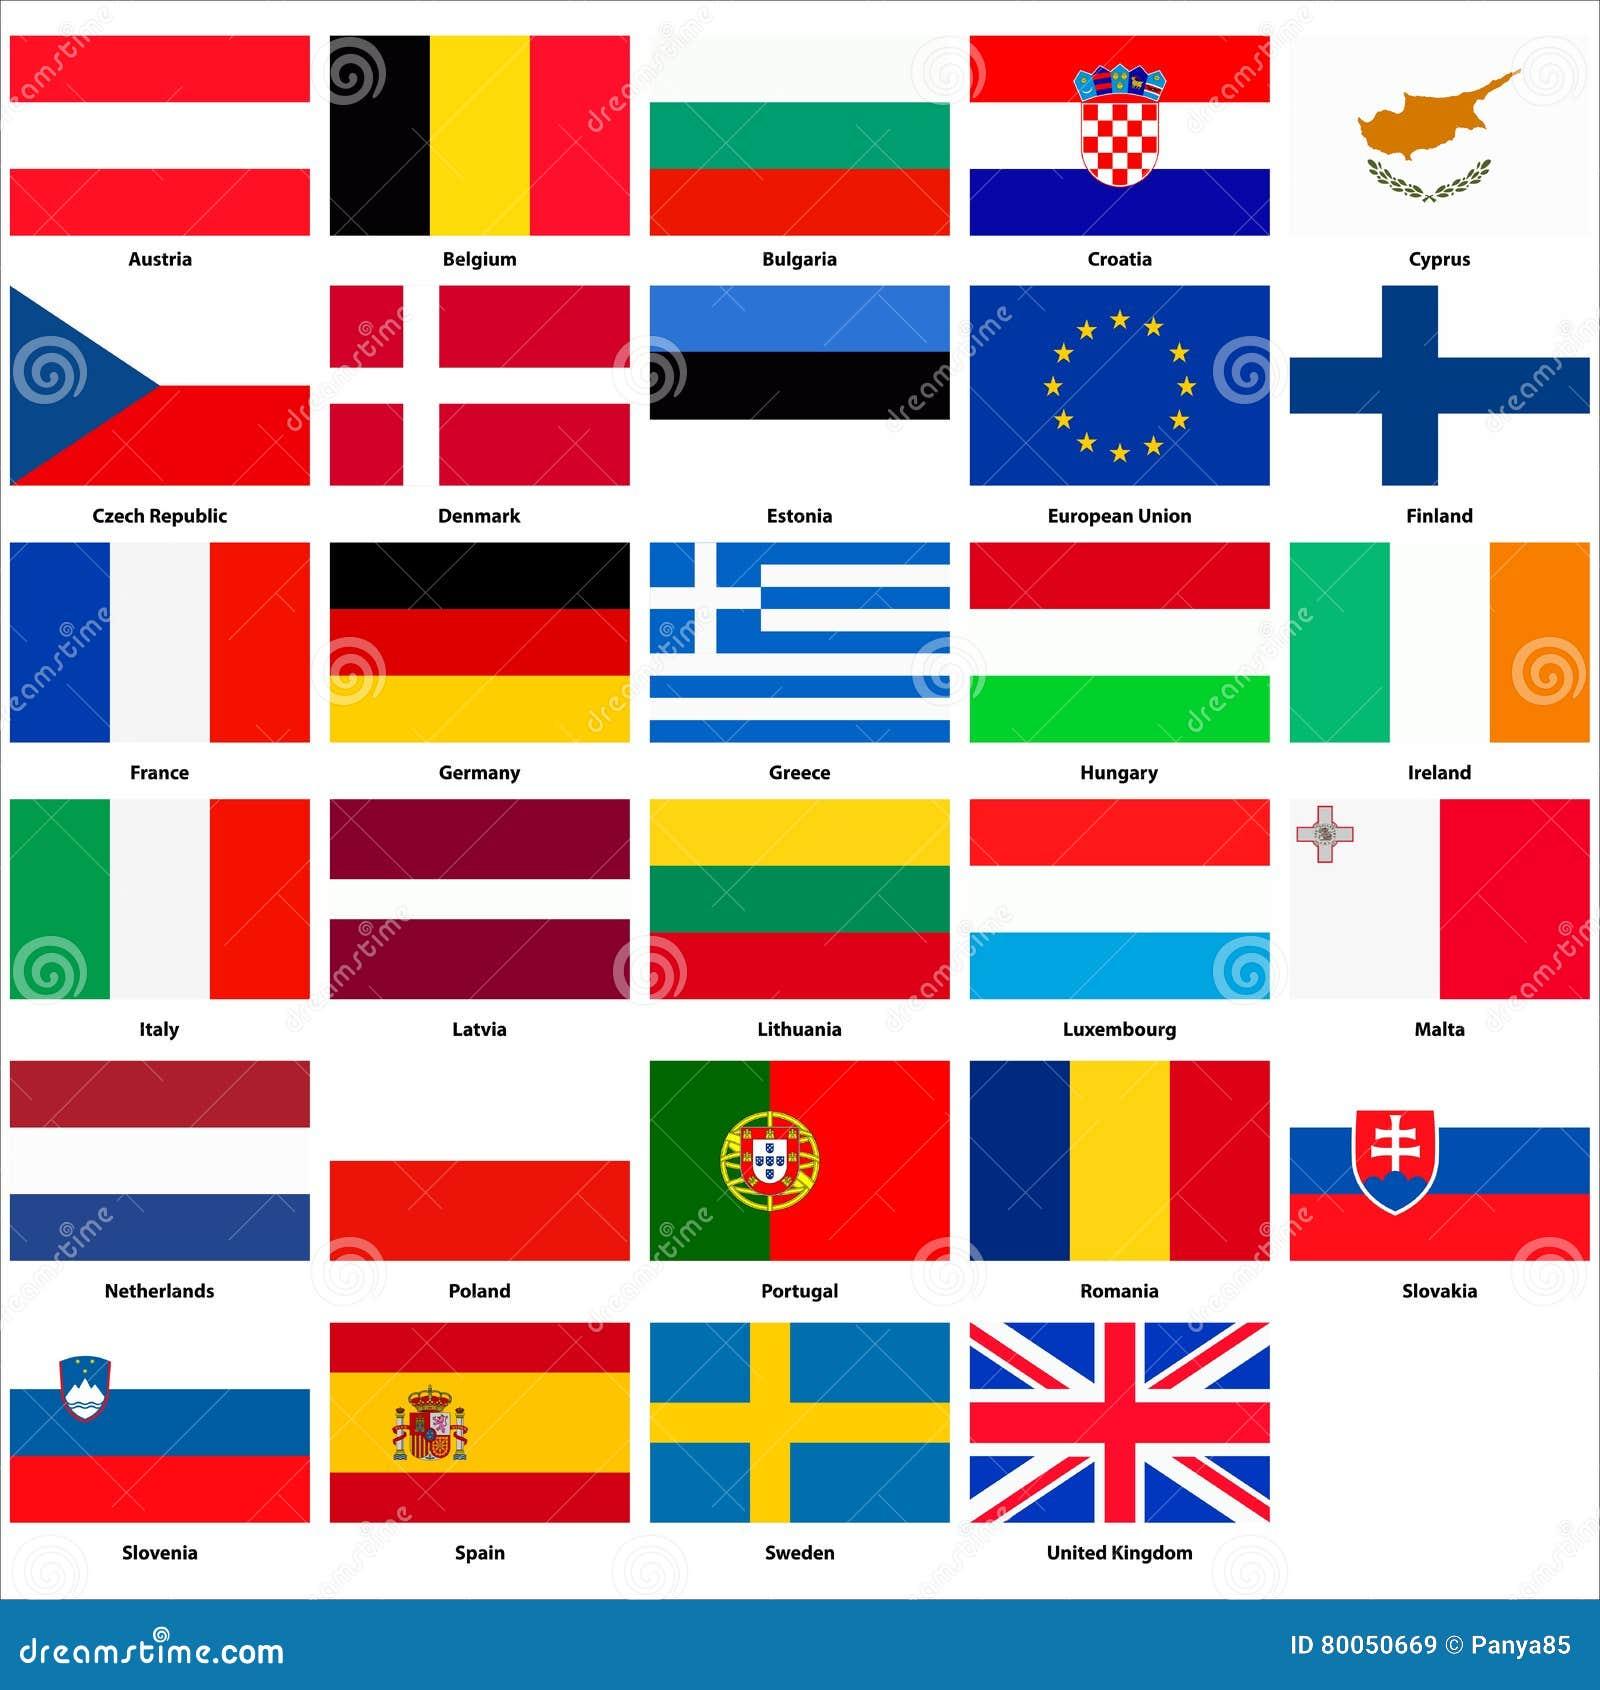 alle flaggen der l228nder der europ228ischen gemeinschaft